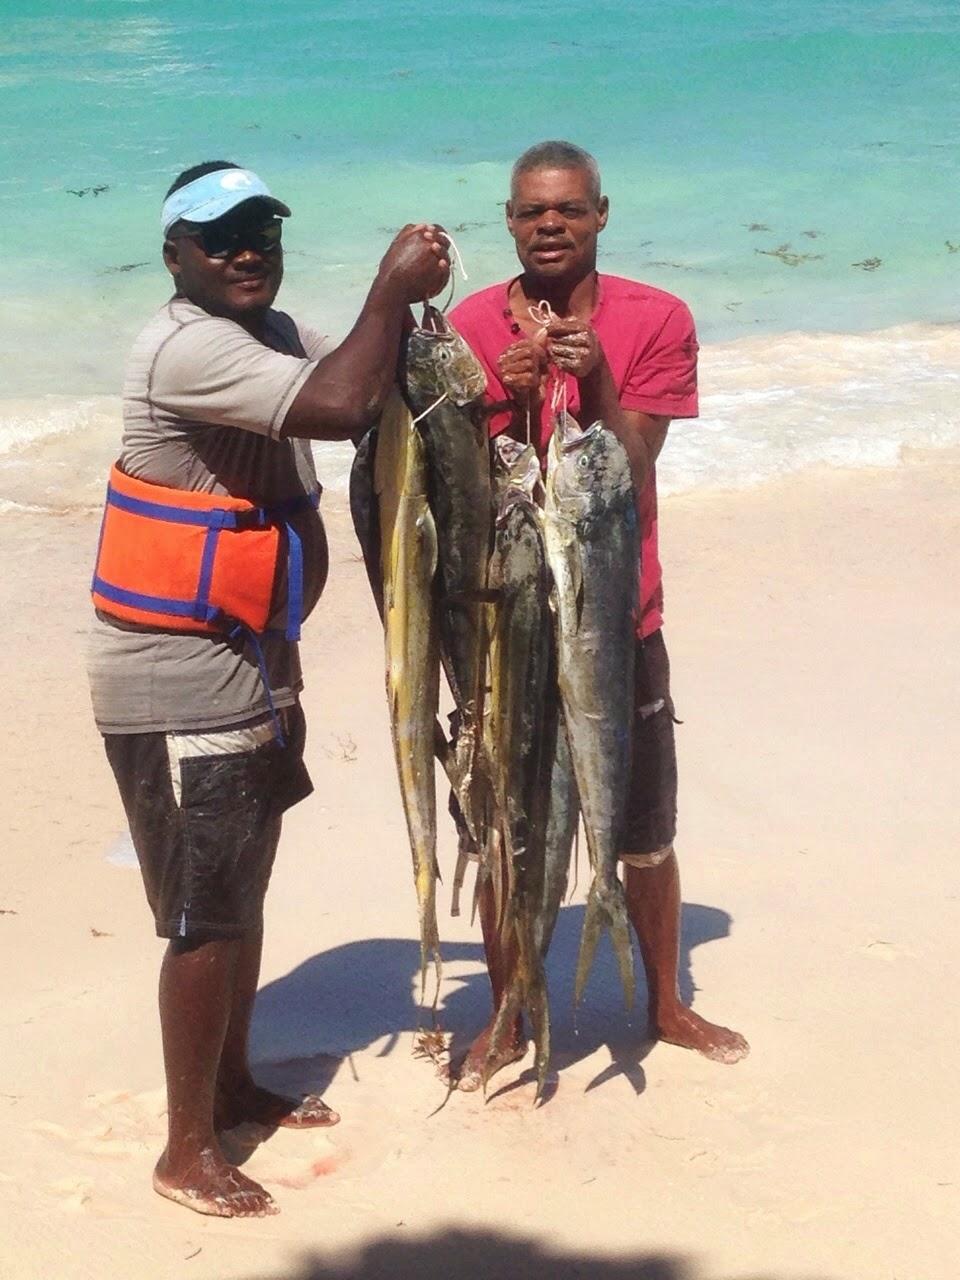 Punta cana fishing more dorados bites in punta cana for Punta cana fishing charters